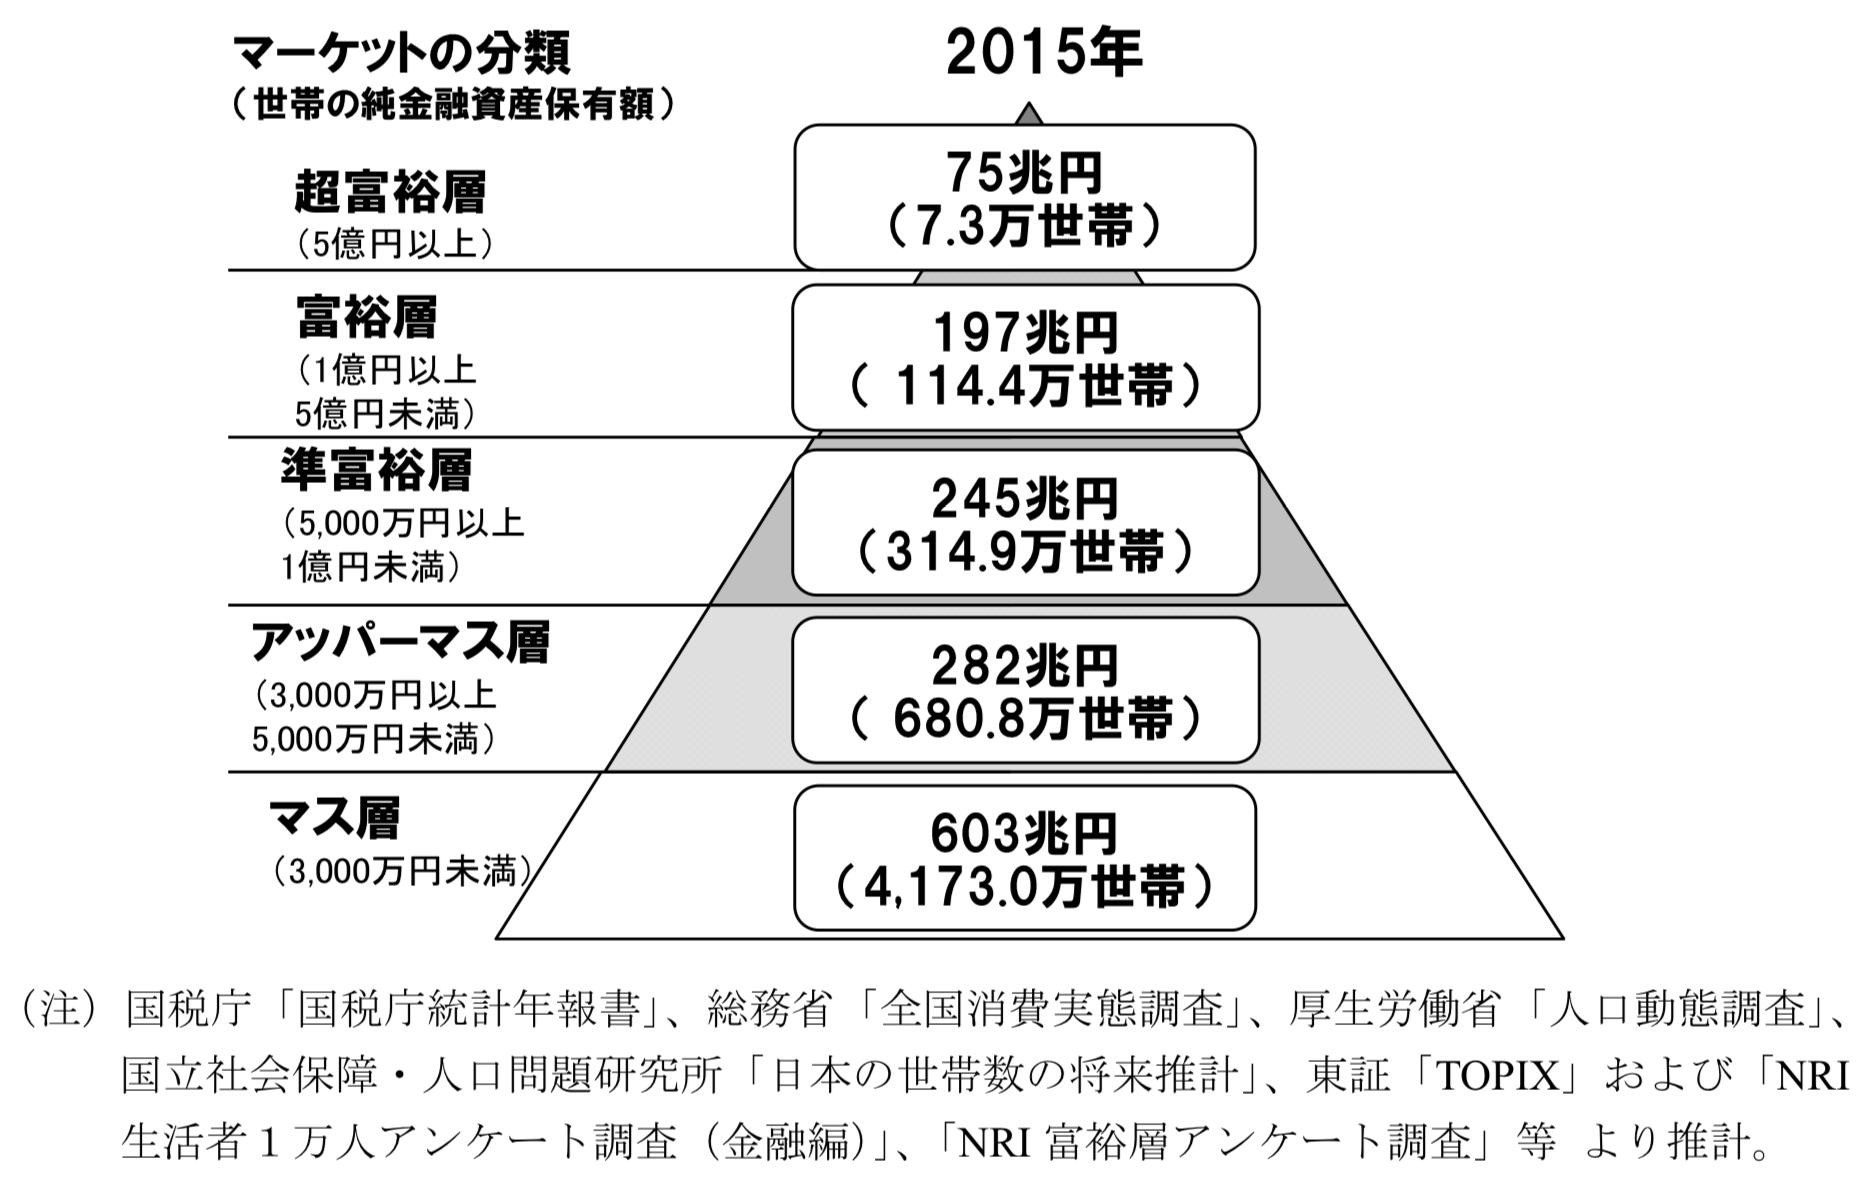 野村総研の富裕層の分類